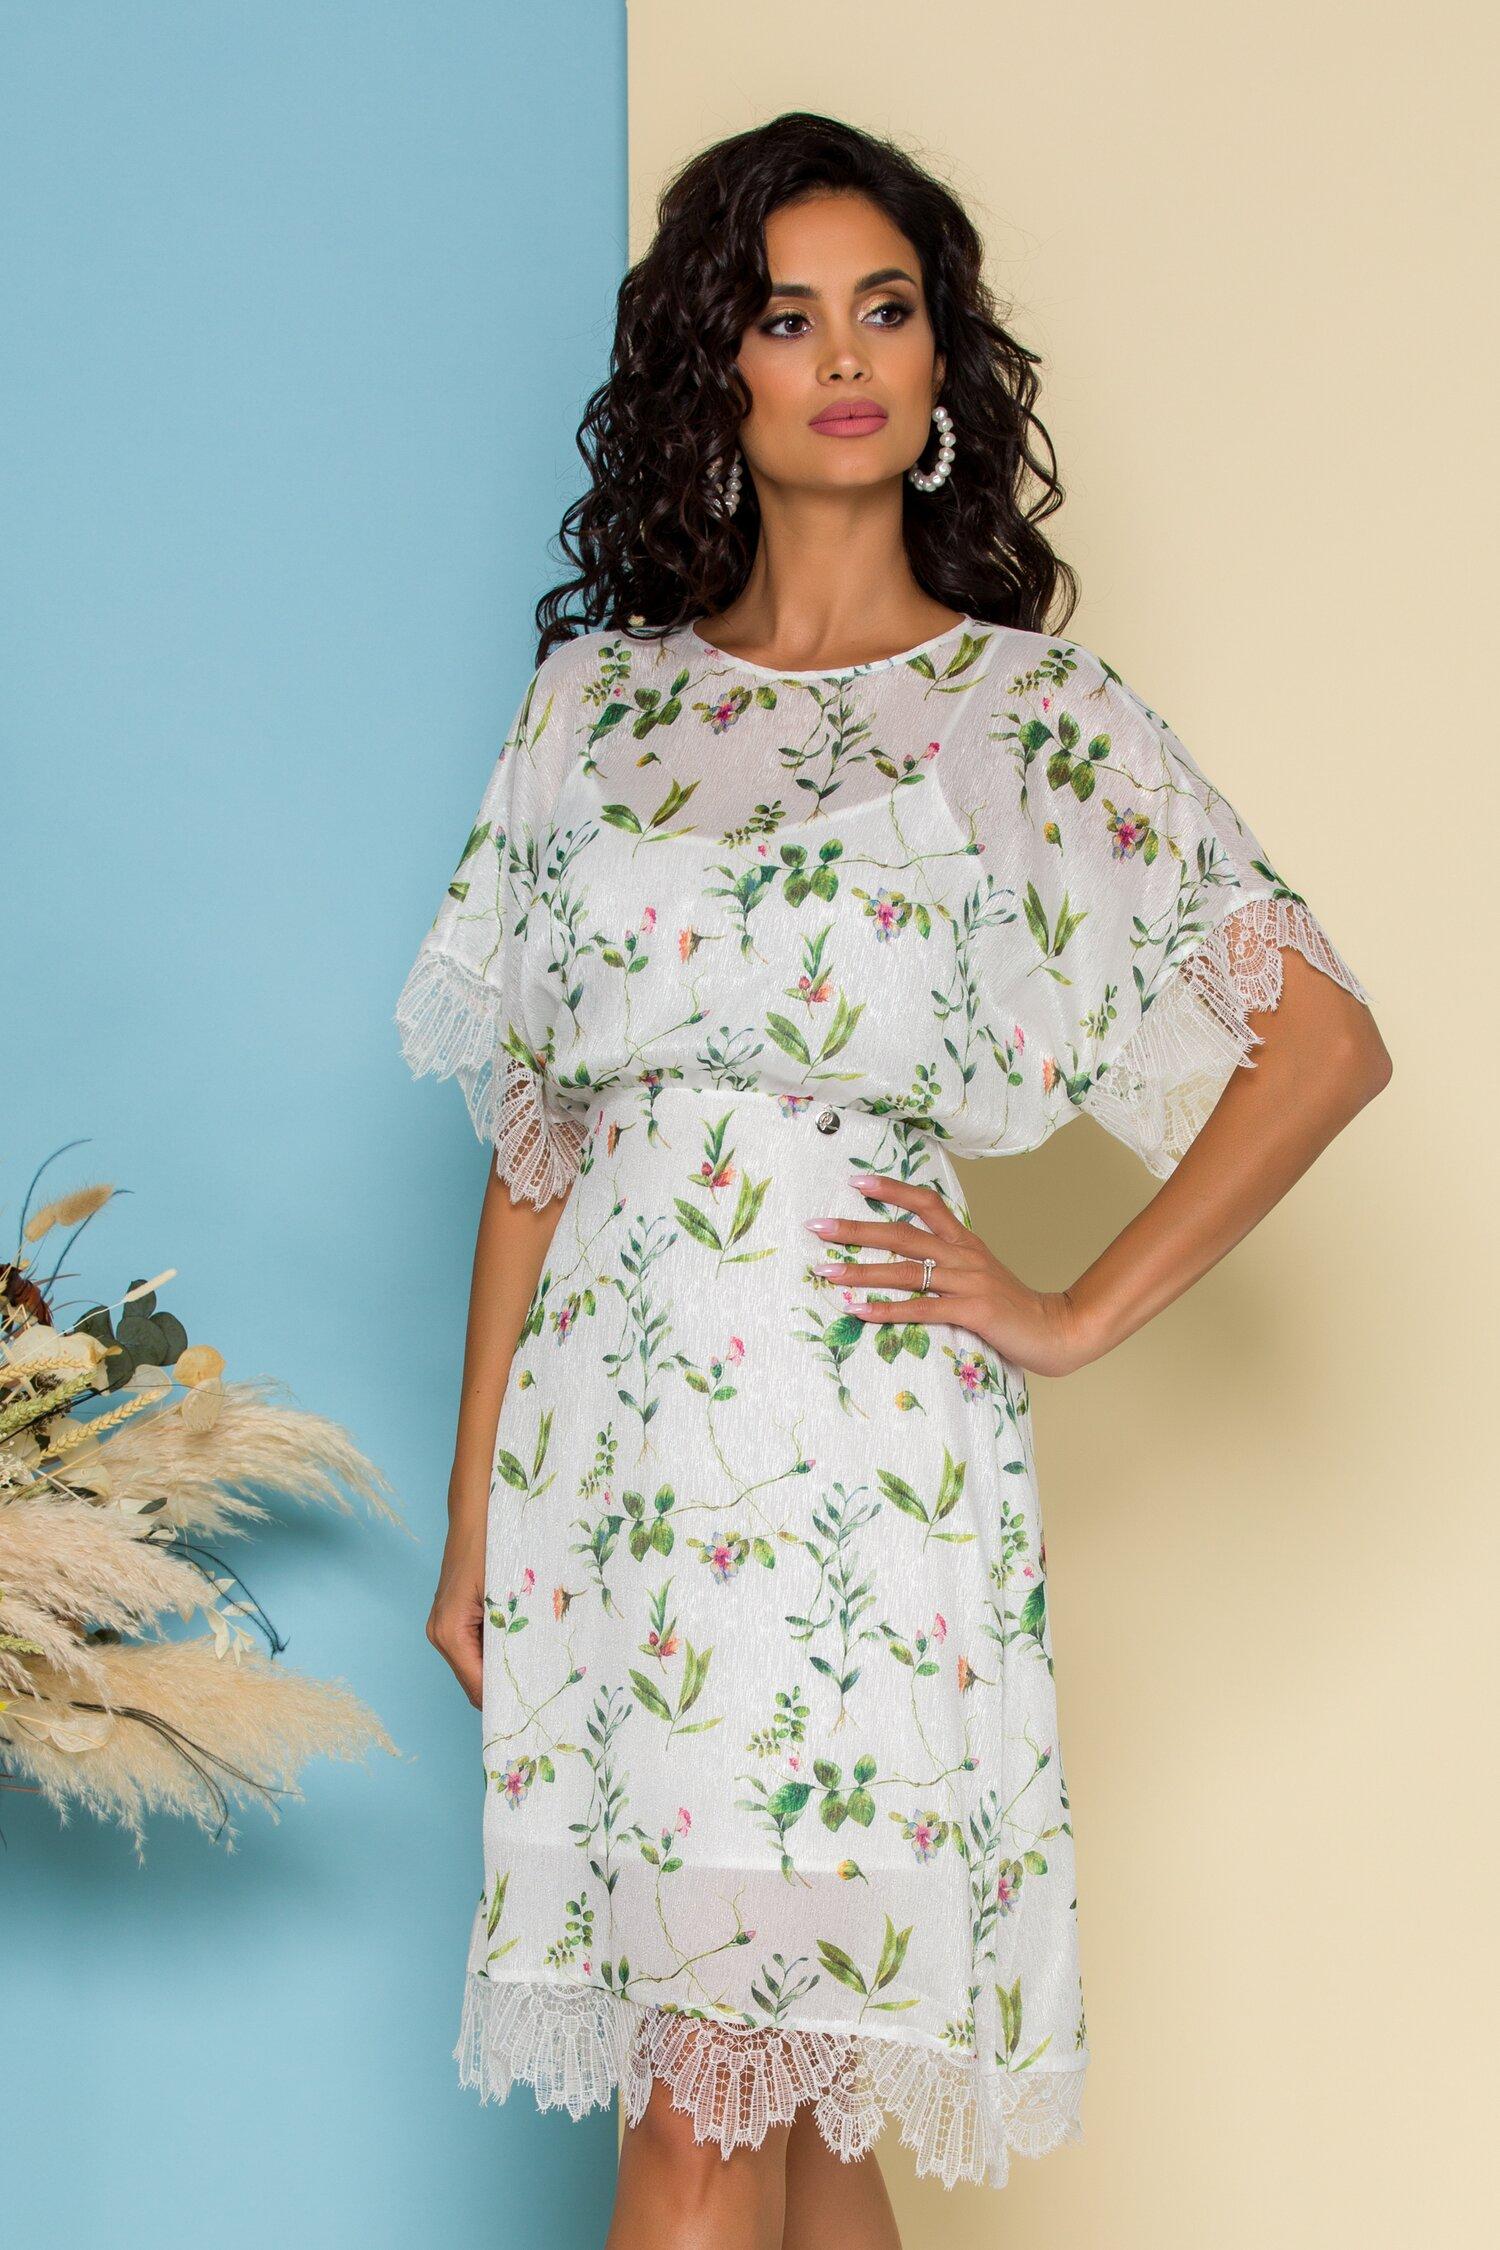 Rochie Adelina alba cu imprimeuri florale verzi